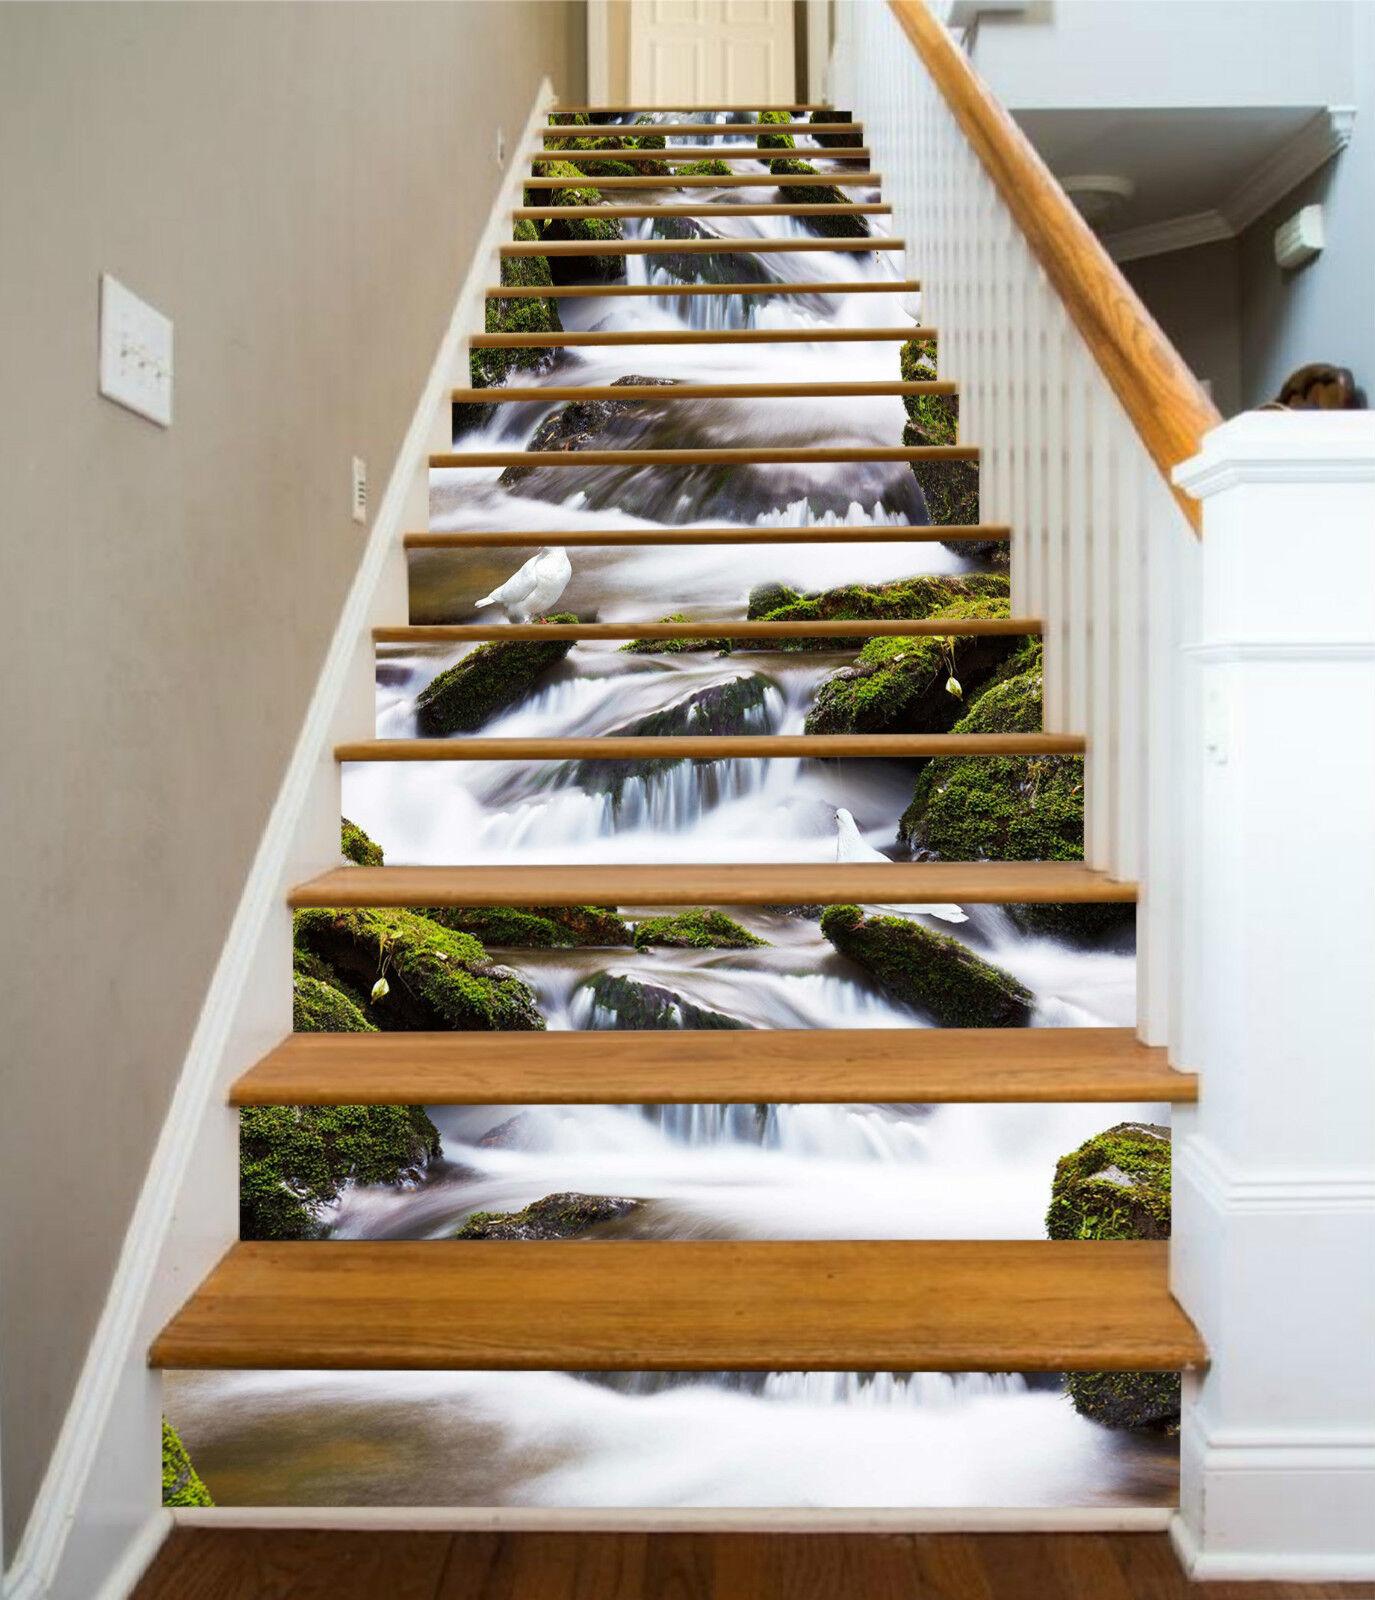 3d rivières oiseaux 254 Stair Risers Décoration Papier Peint Vinyle Autocollant Papier Peint De